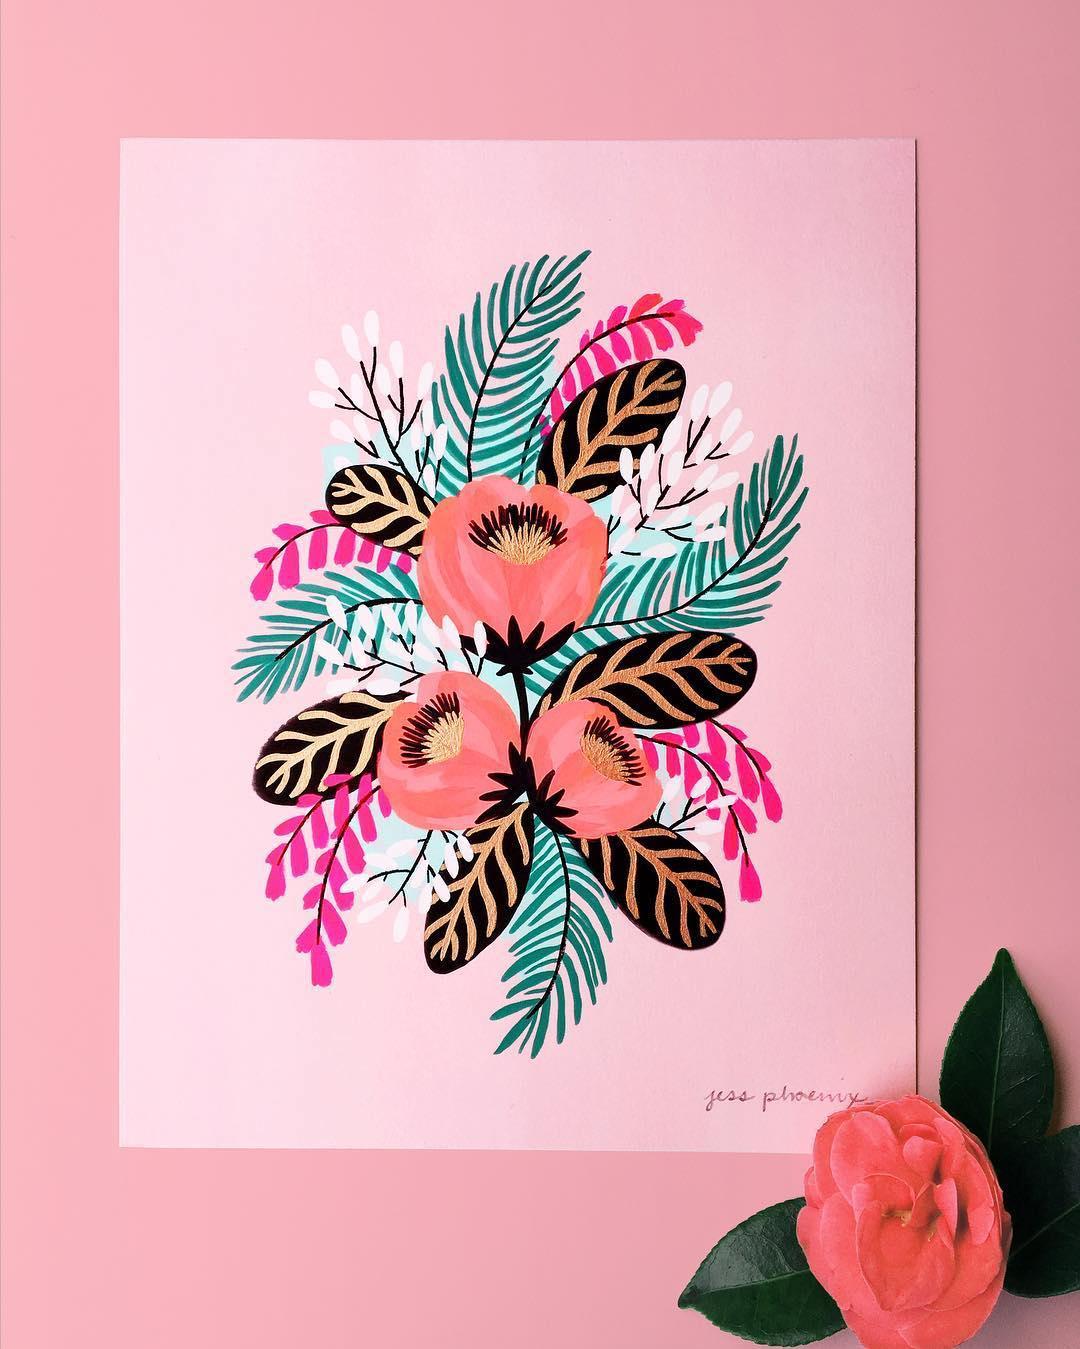 Pink illustration by Jess Phoenix